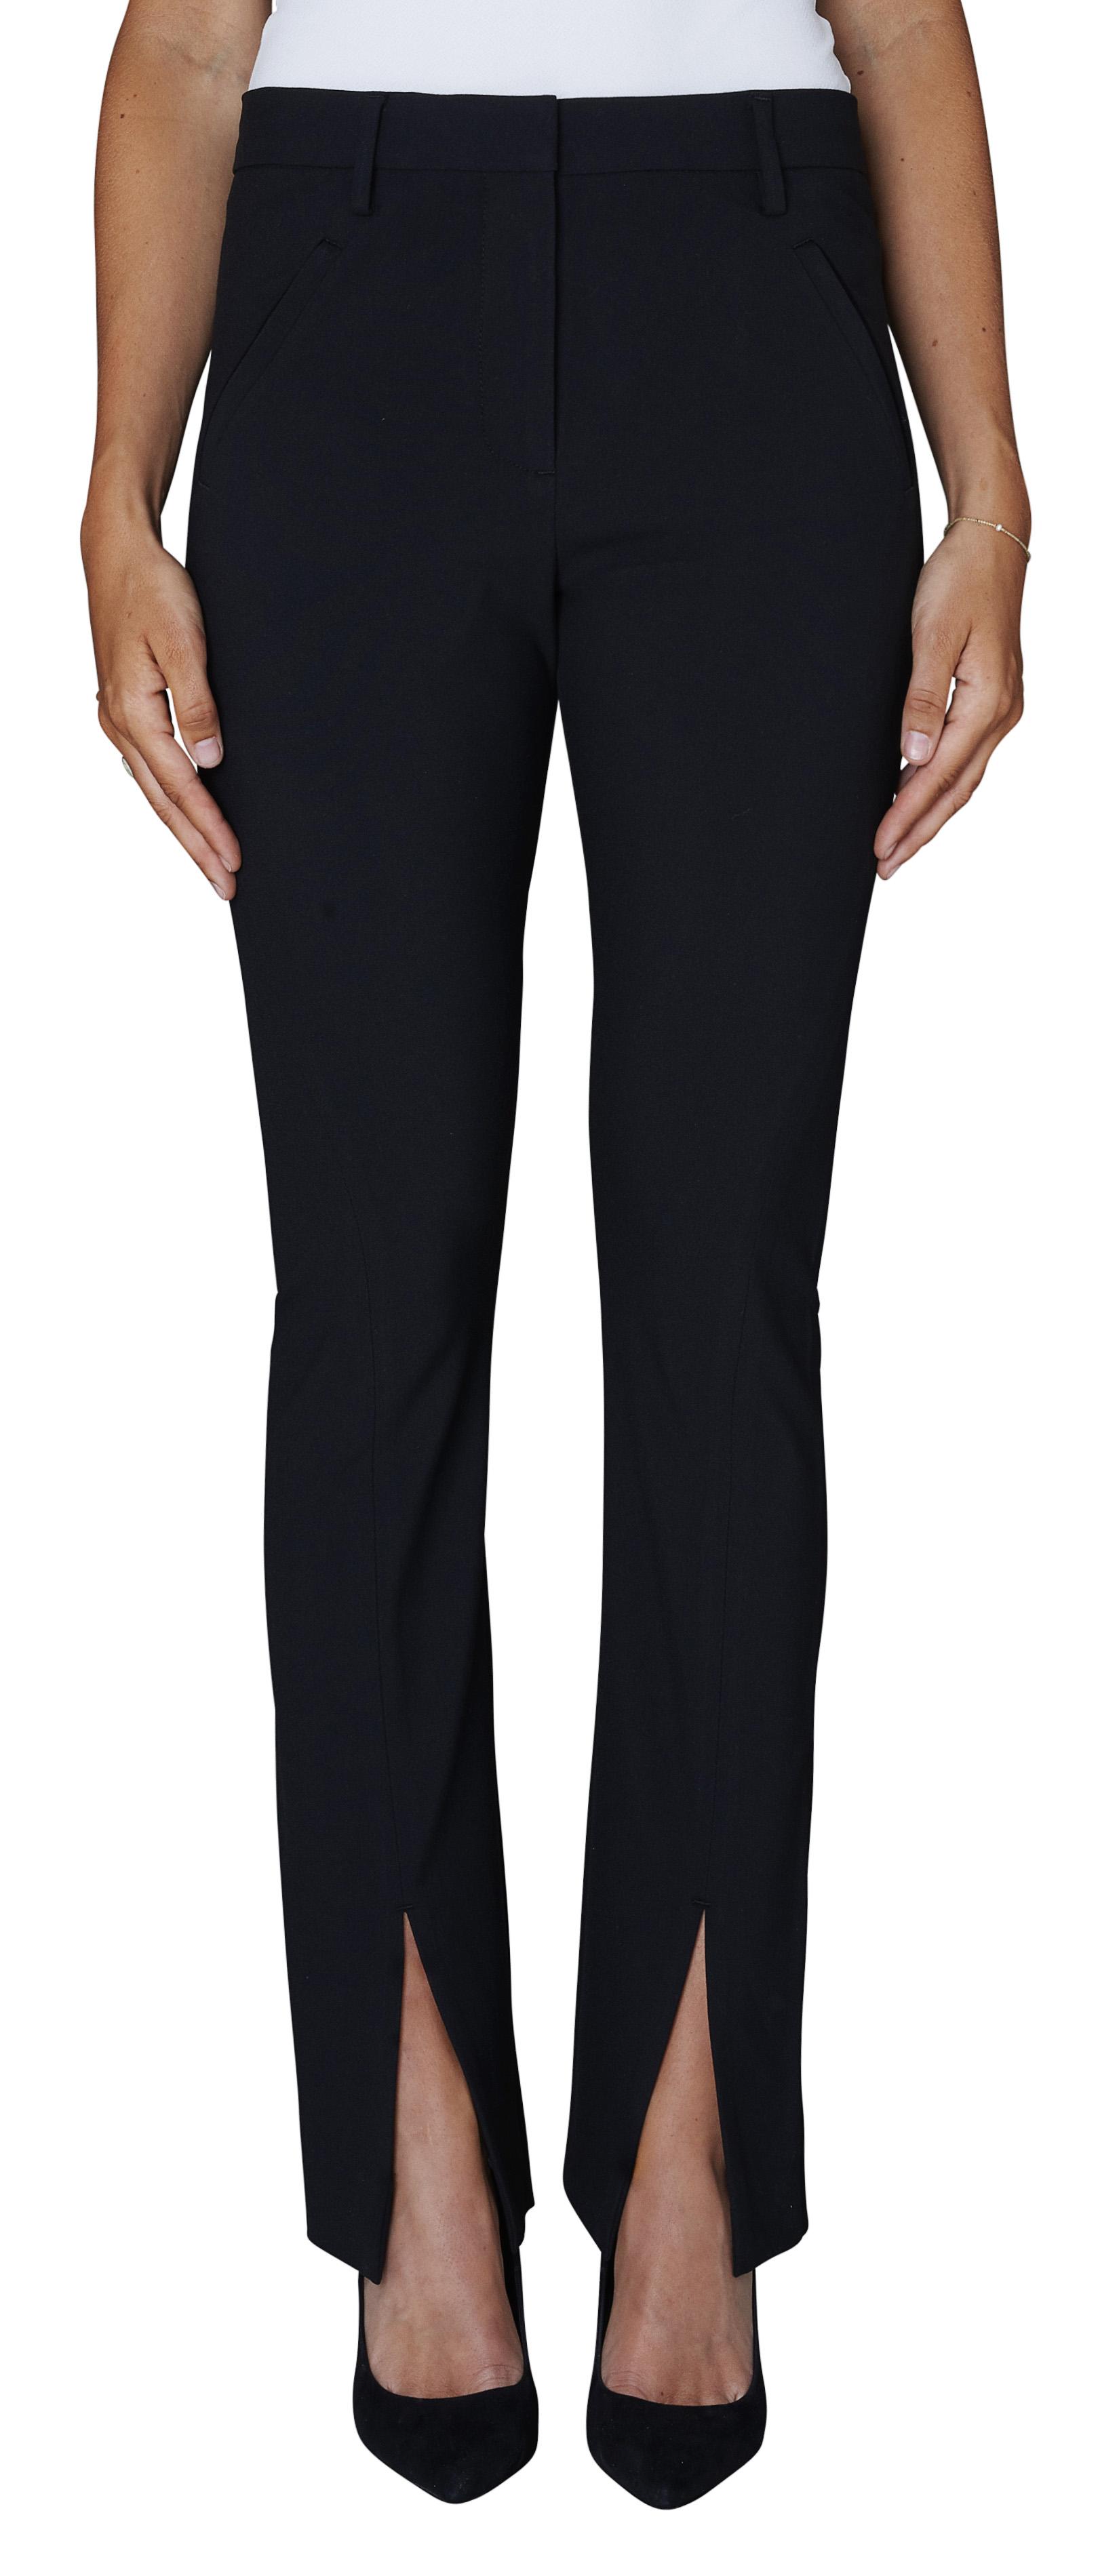 Fiveunits bukse med splitt. Angelige bukse med splitt i